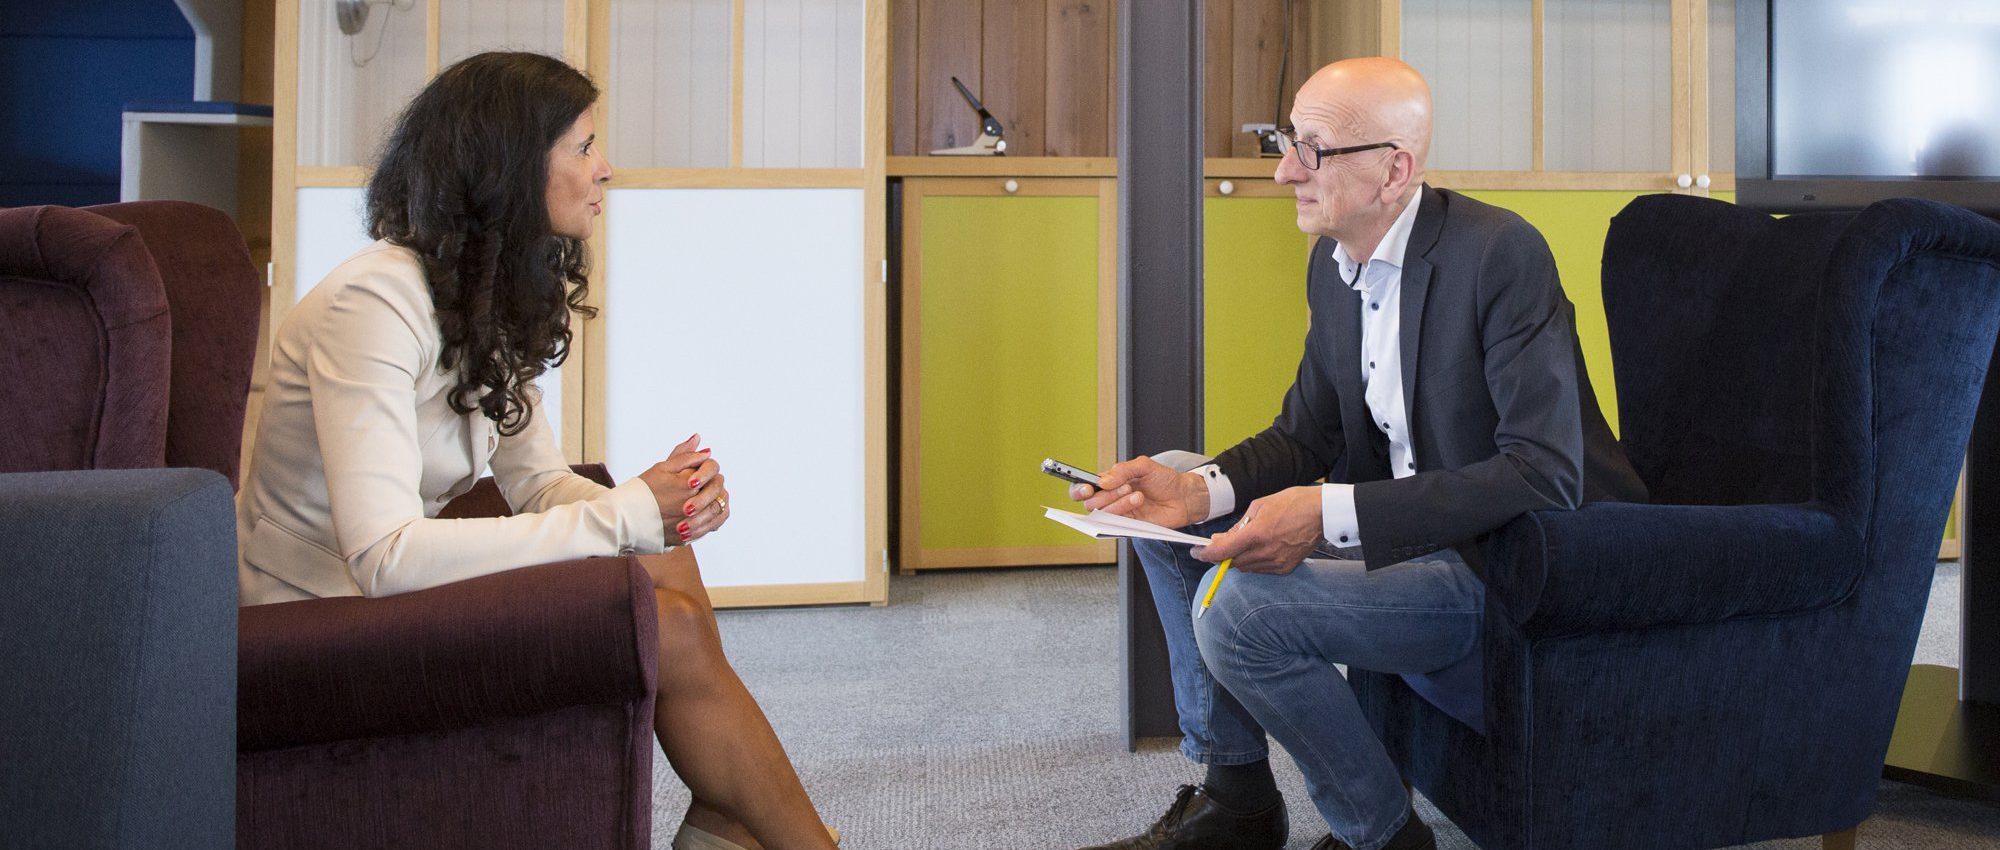 Tom de Hoog interviewt Claudia Reiner (UNETO-VNI) voor een hoofdartikel in magazine Duurzaam Gebouwd (foto: Robert Tjalondo)